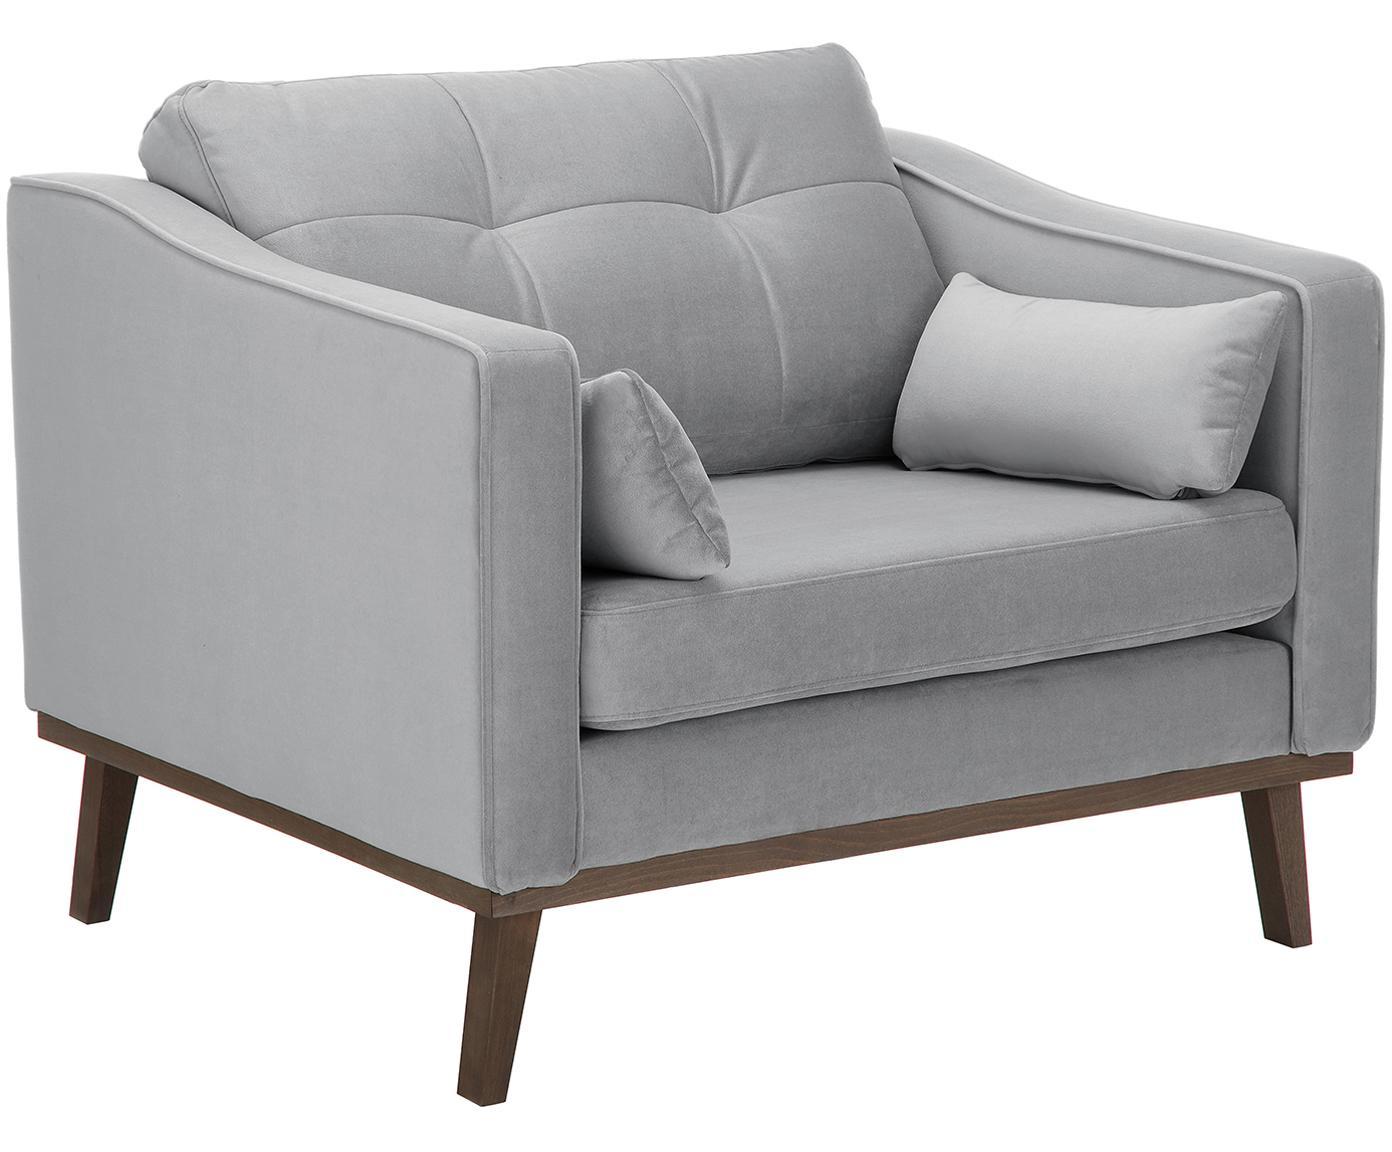 Klassieke fluwelen fauteuil Alva in grijs, Bekleding: fluweel (hoogwaardig poly, Frame: massief grenenhout, Poten: massief gebeitst beukenho, Grijs, B 102 x D 92 cm